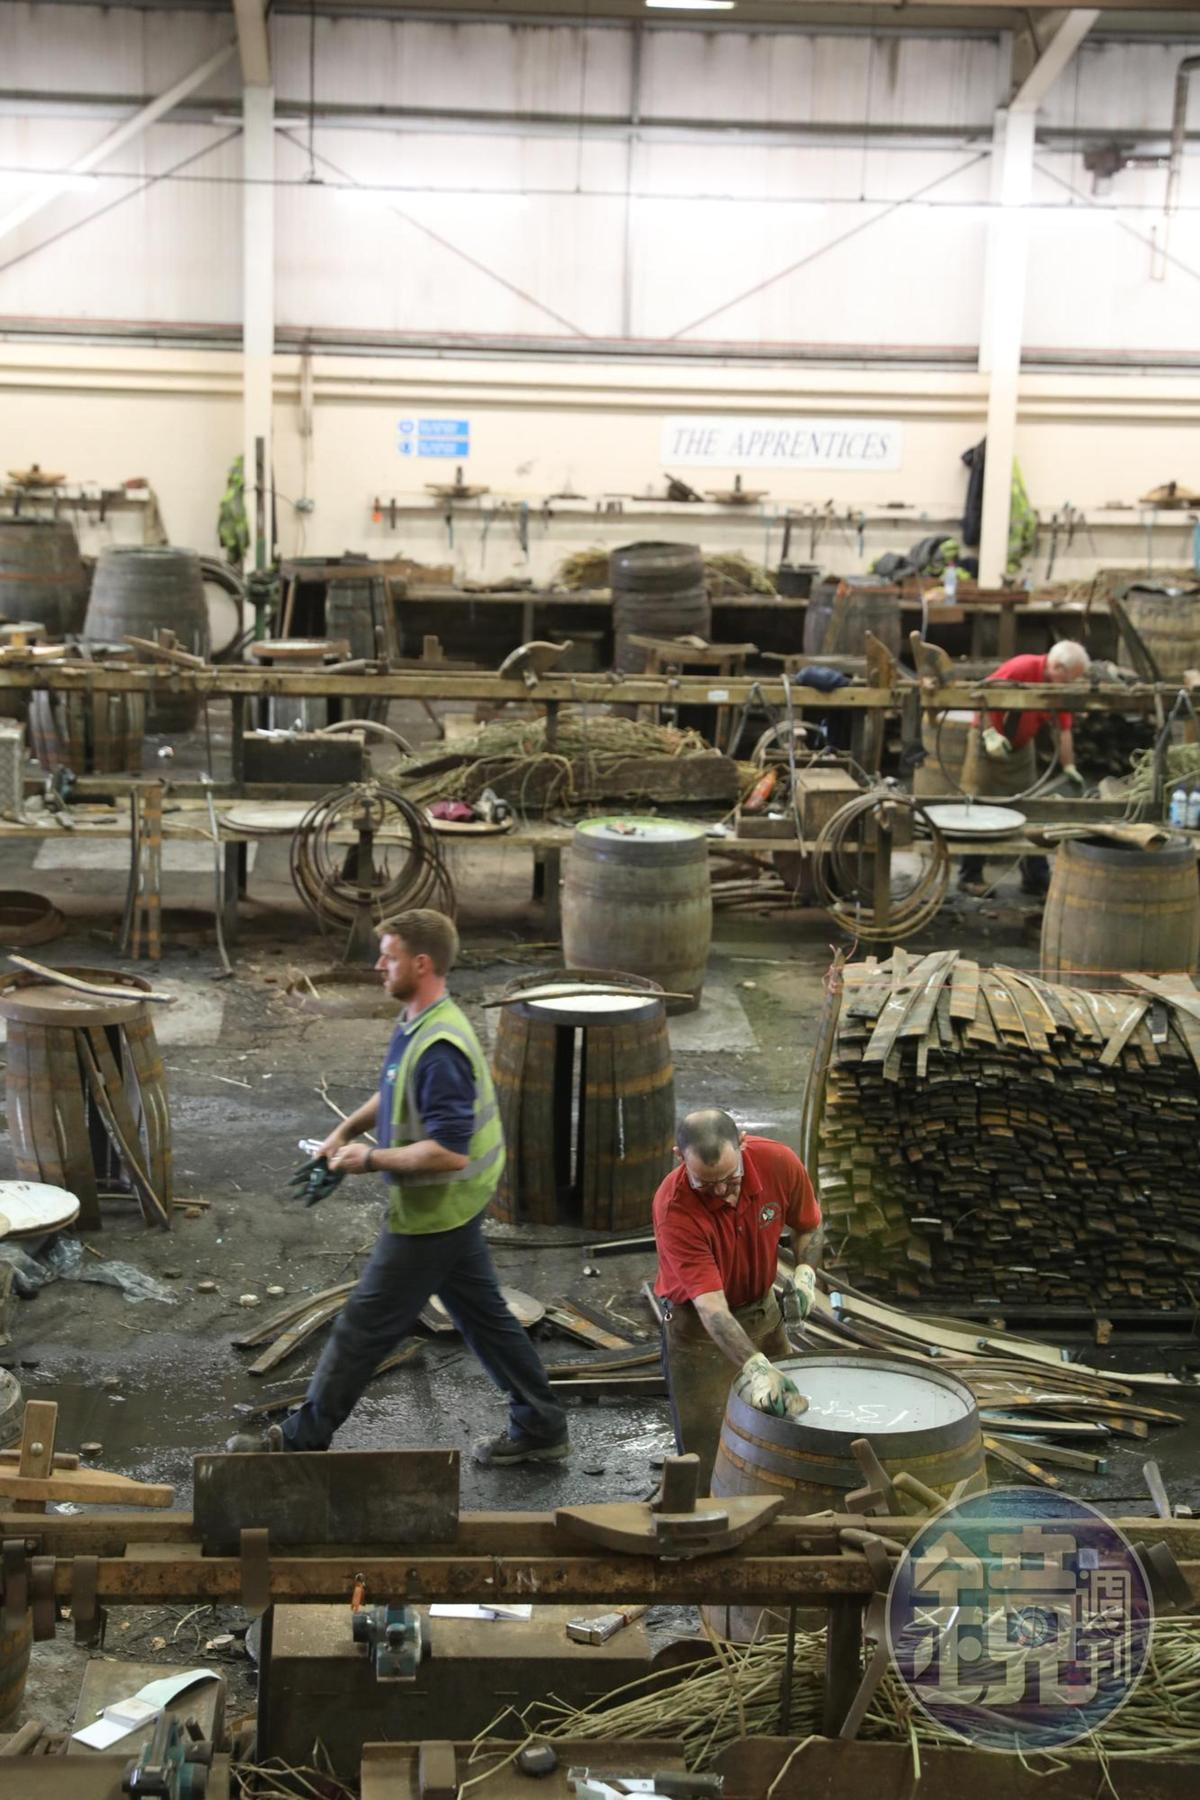 世界上有50多種橡木,其中只有少數幾個品種,而且樹齡必須在100到150年之間,才適合做成橡木桶。